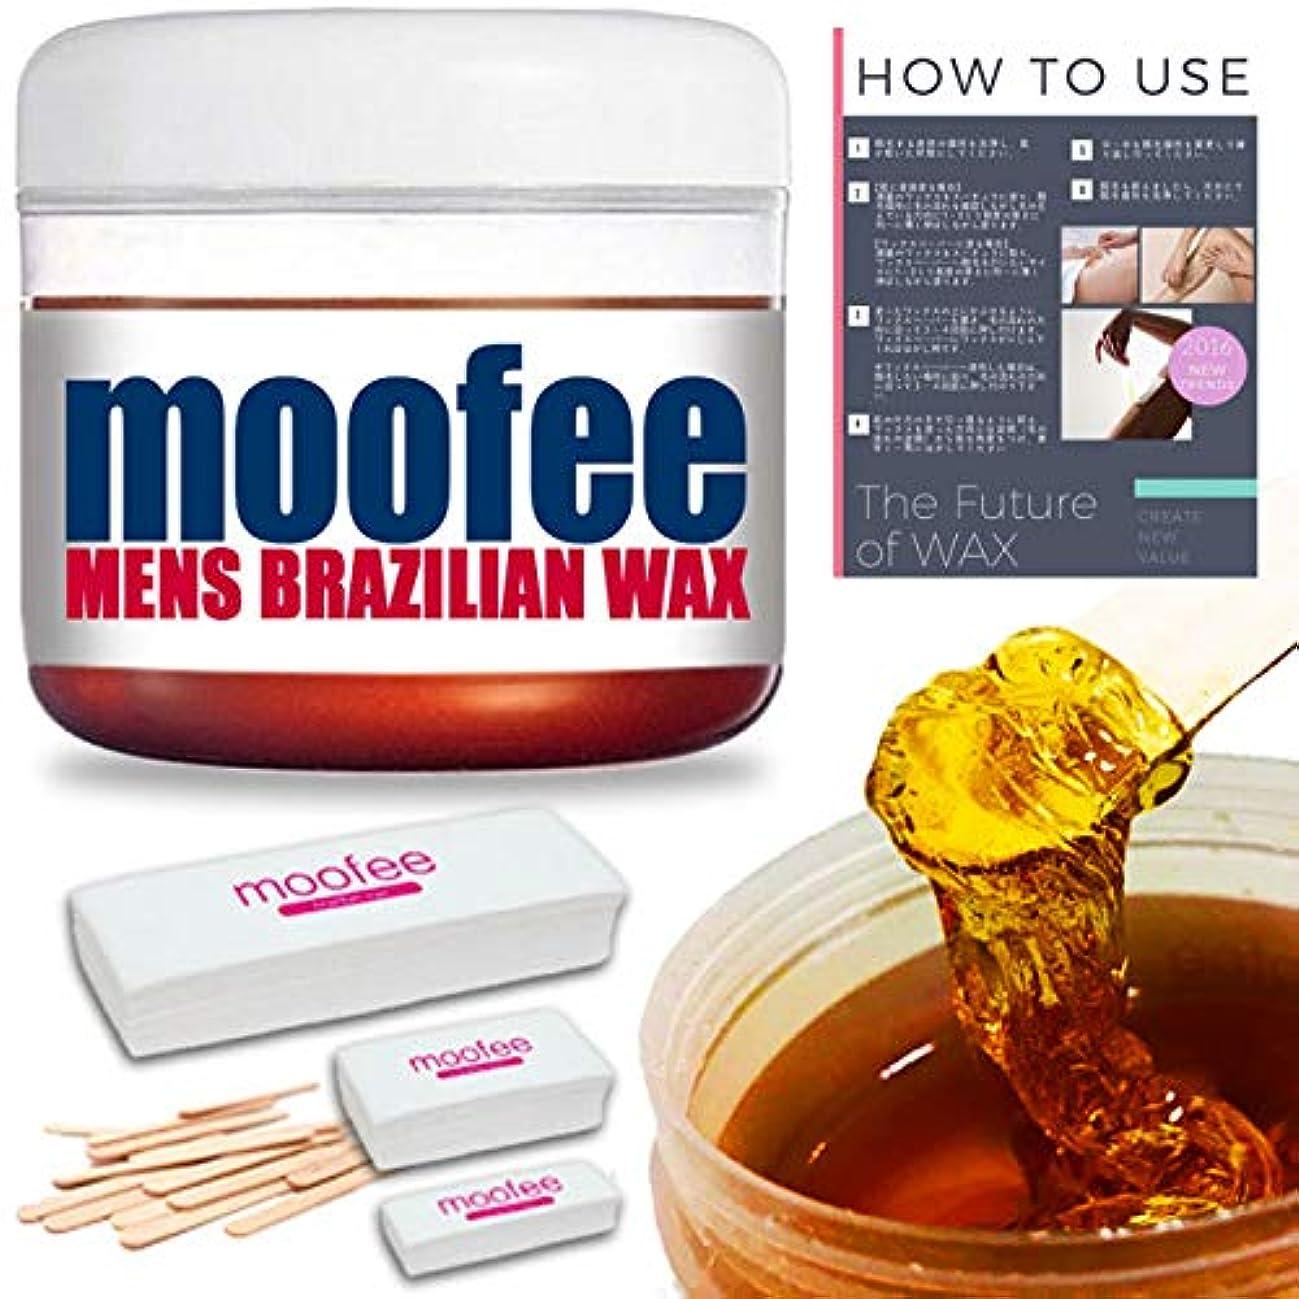 窓を洗う頂点ローンメンズブラジリアンワックス 脱毛ワックス 男性用 moofee スターターキット